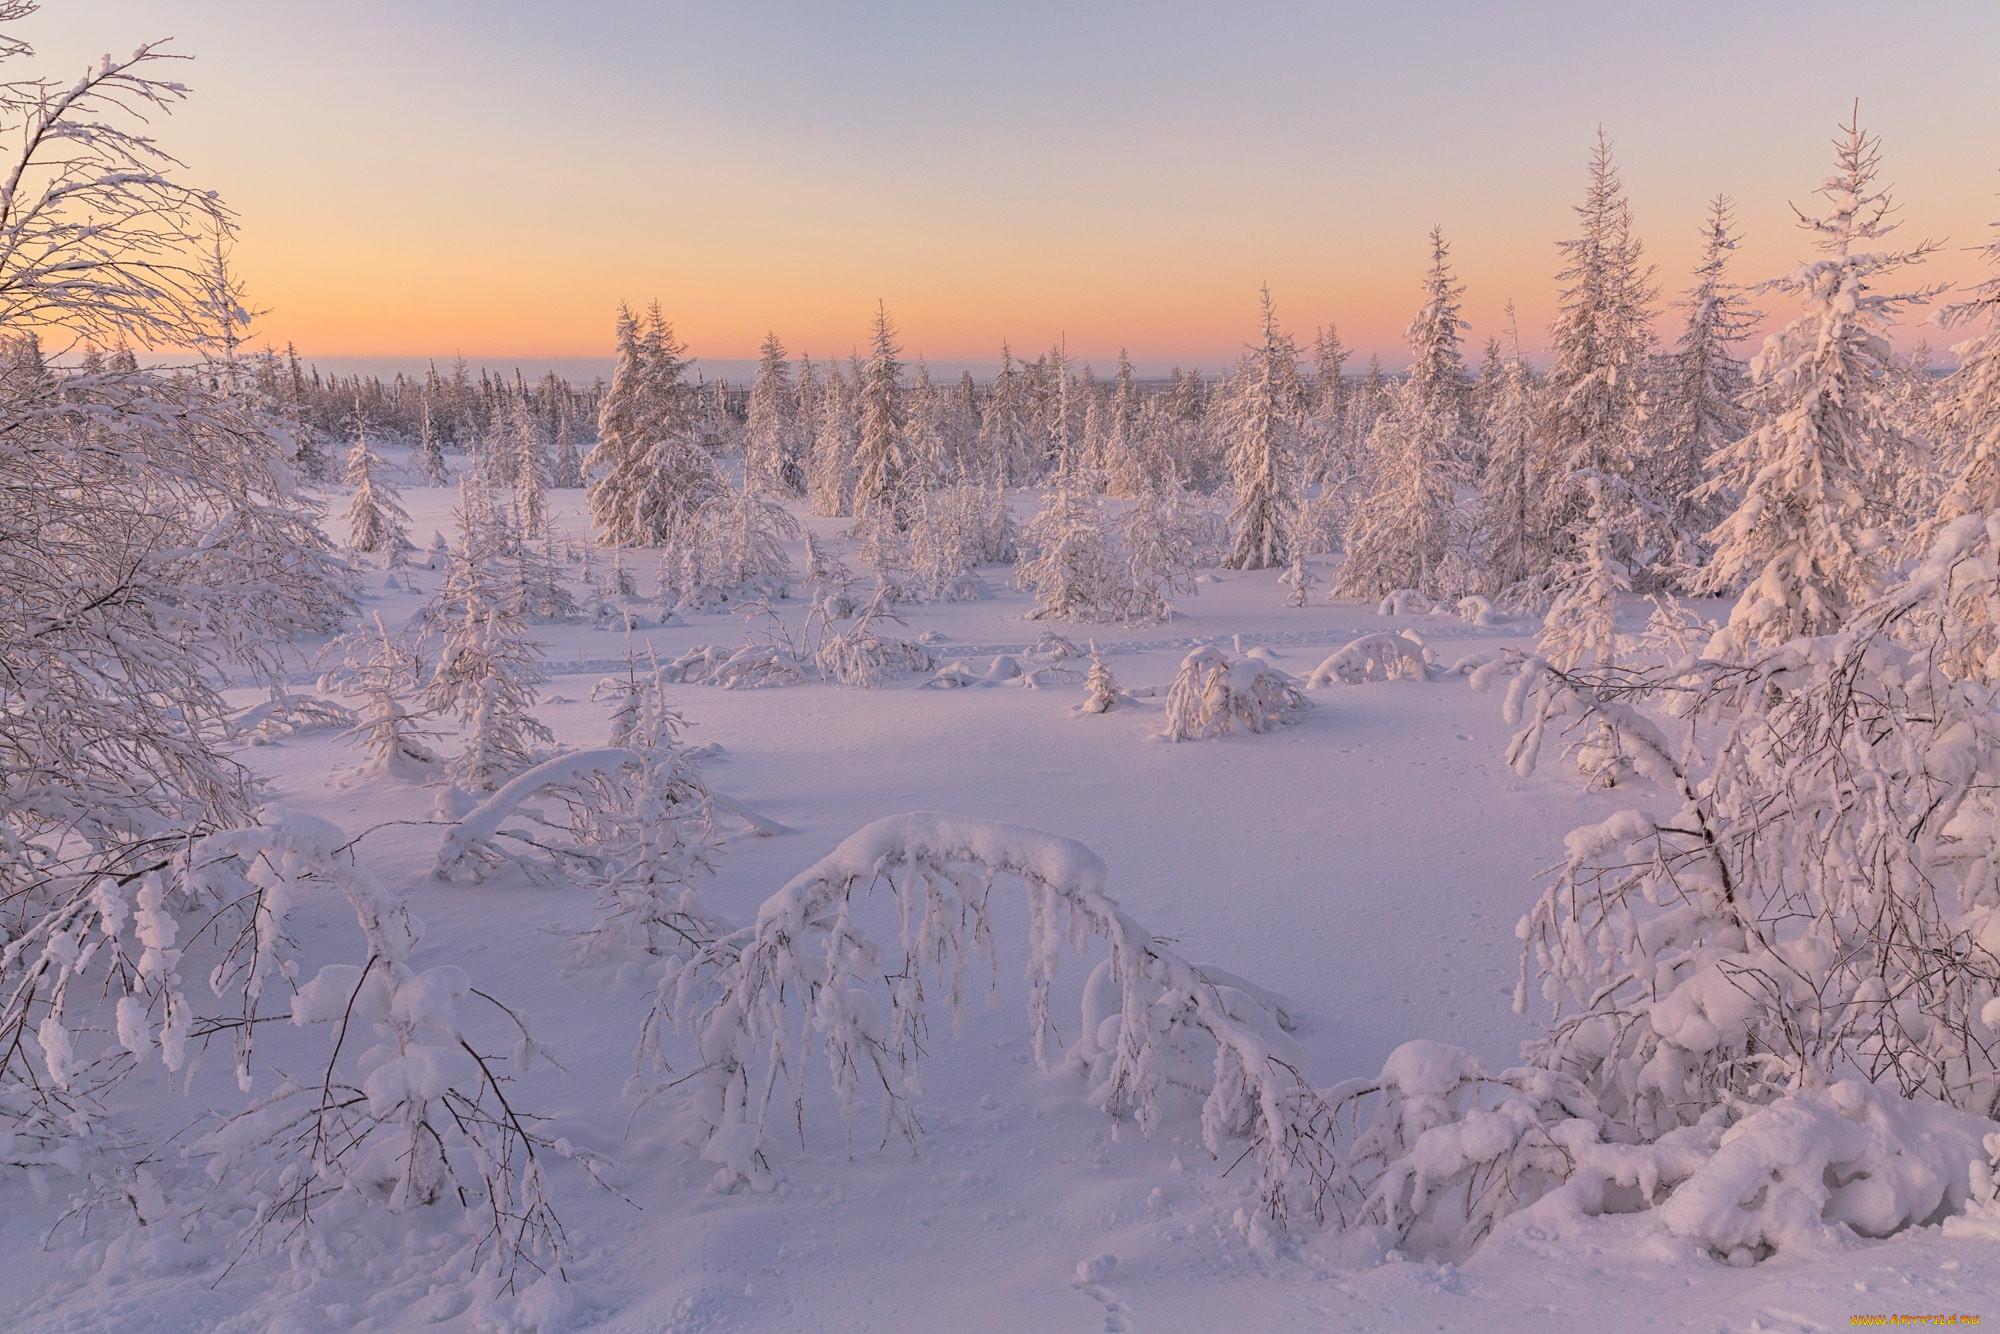 для картинки к суровой зиме тундры обустройстве